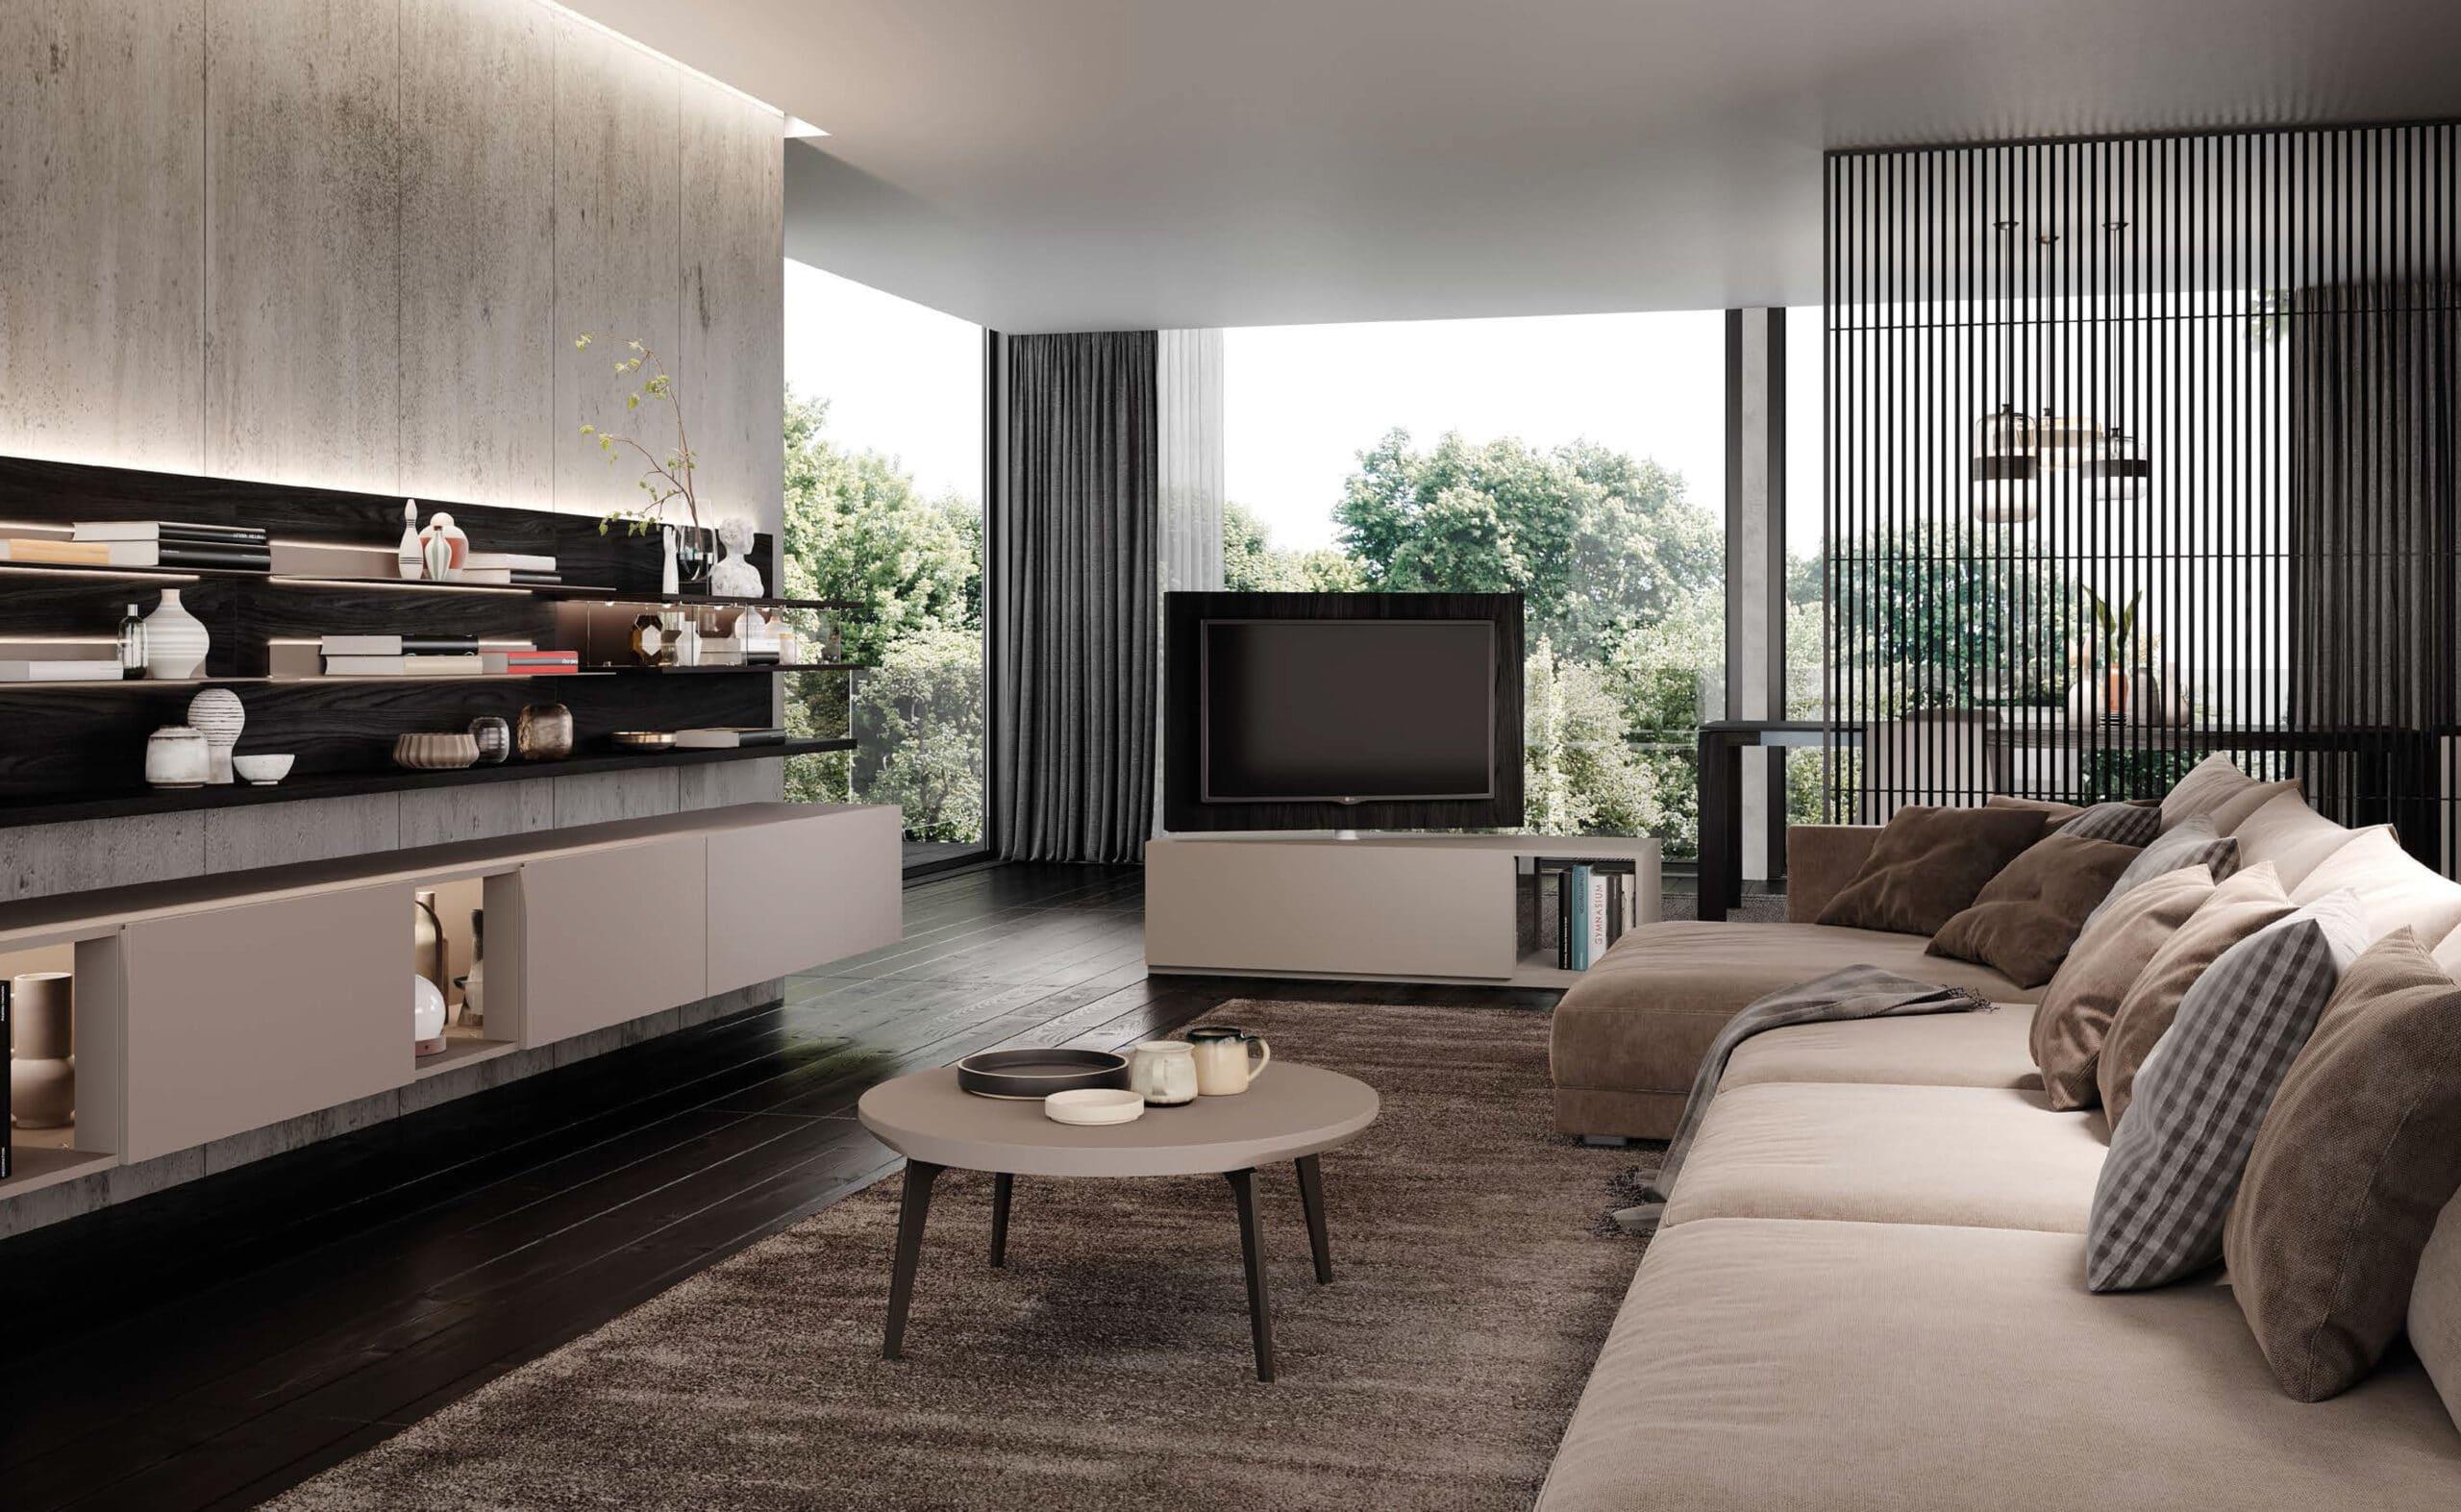 Skyline-3---Informal-space-organization-composizione con tavolino e divano